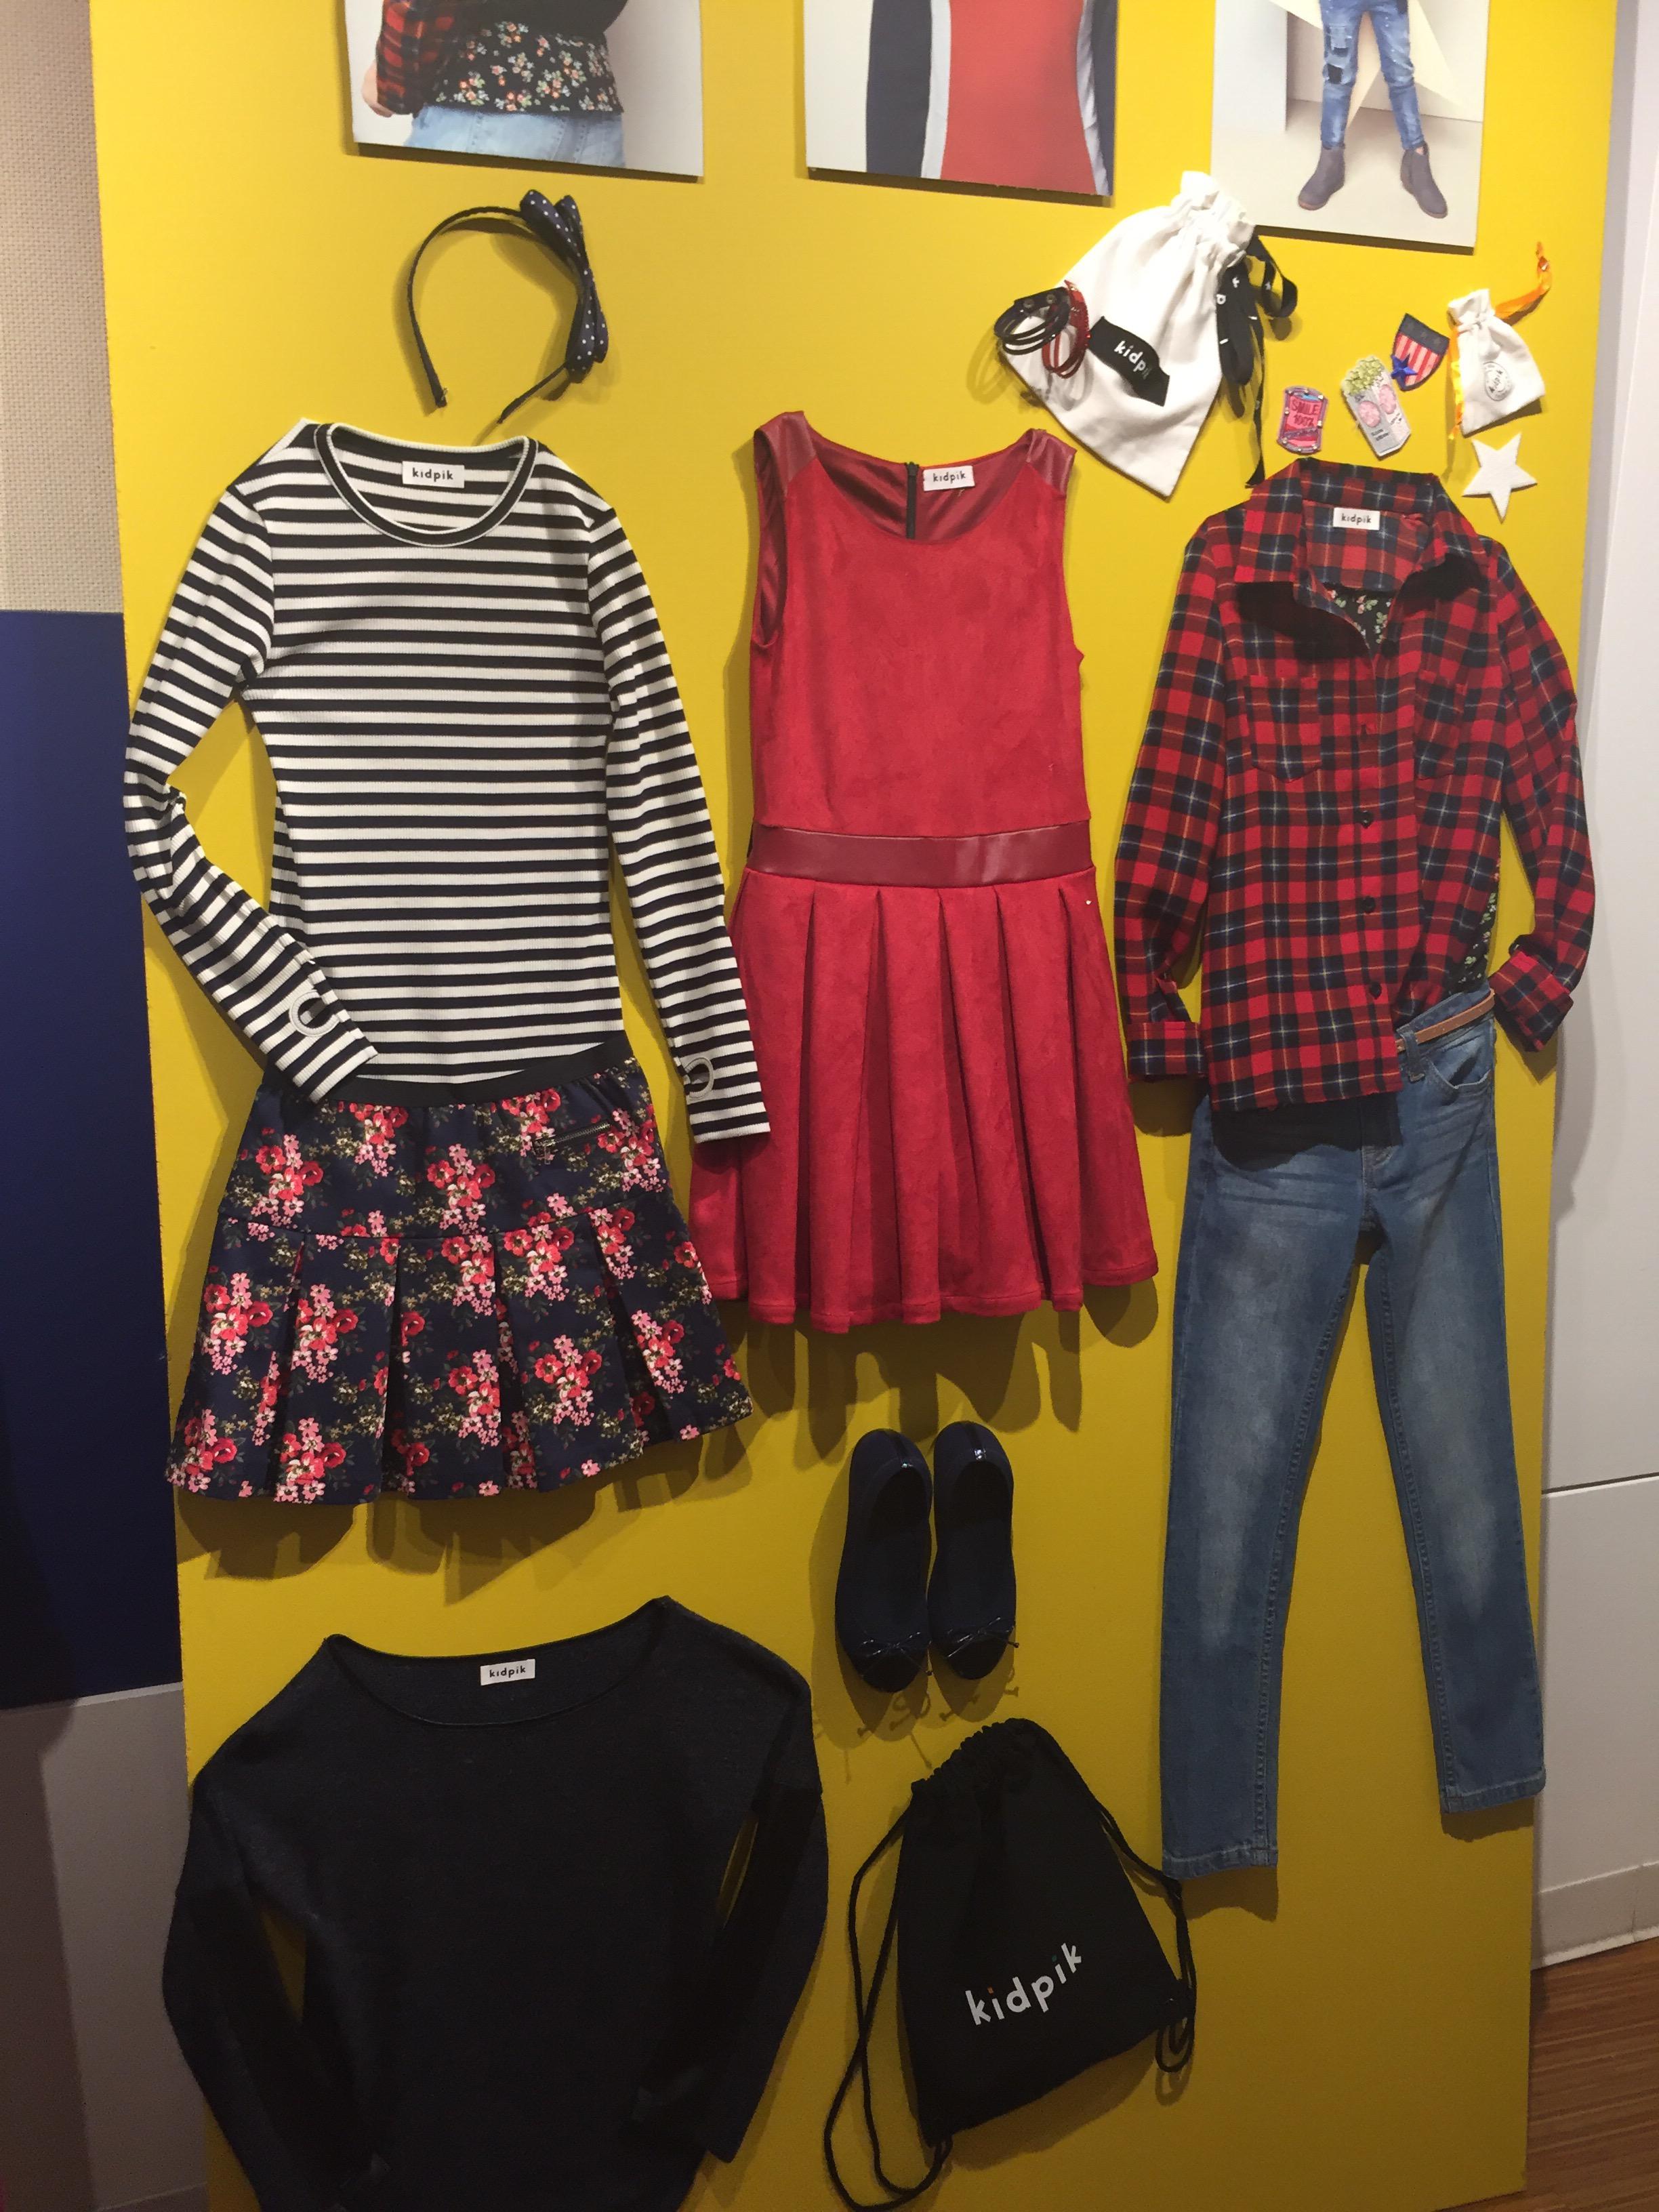 Fashion Alert Kidpik Basics Launch For Girls In Sizes 4